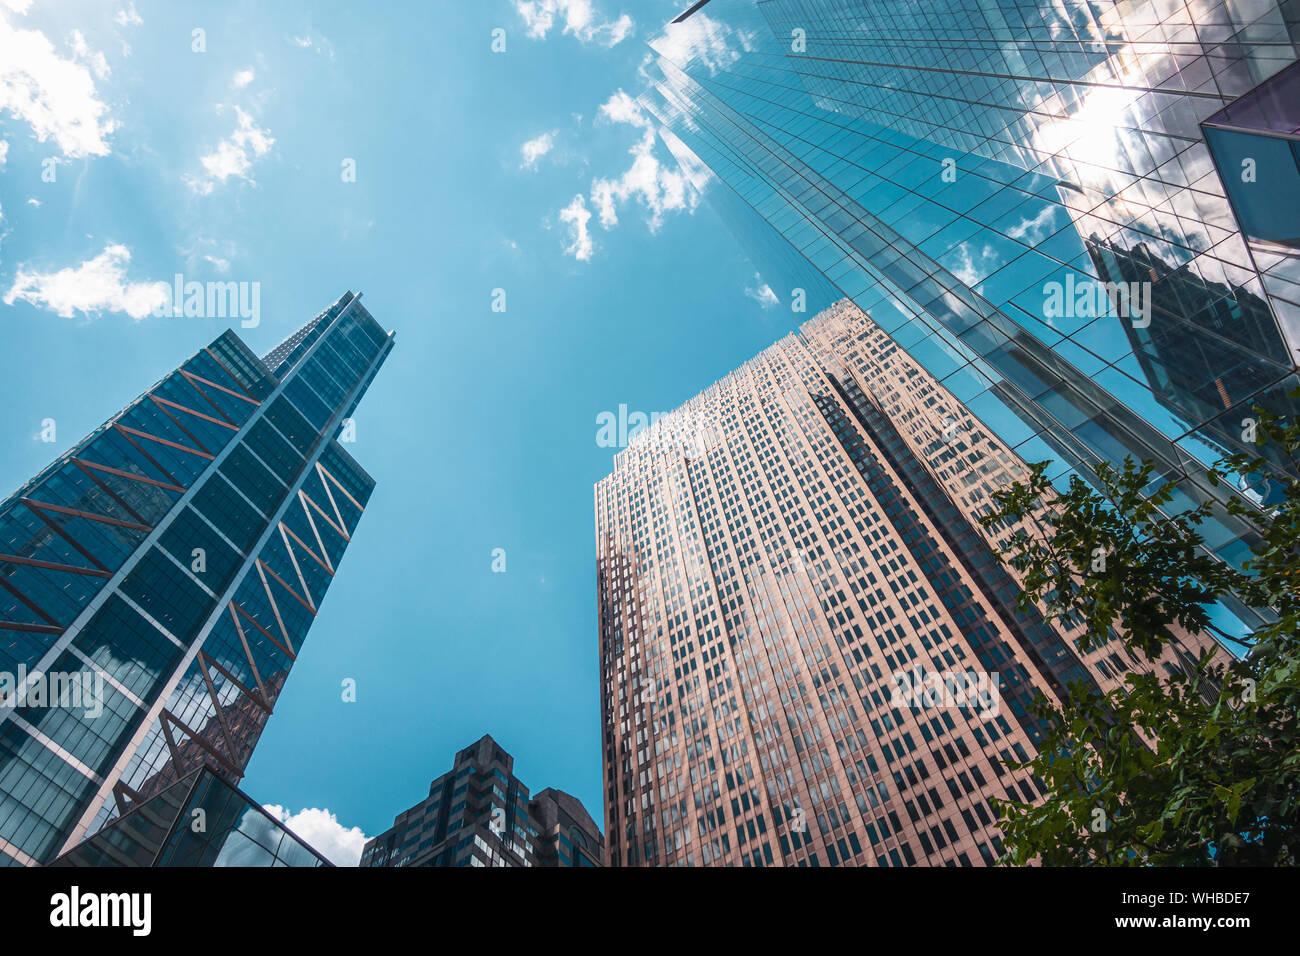 Los rascacielos, punto de vista desde abajo para arriba, con reflejos de las nubes en las ventanas, en el centro de la ciudad de Filadelfia, EE.UU. Foto de stock